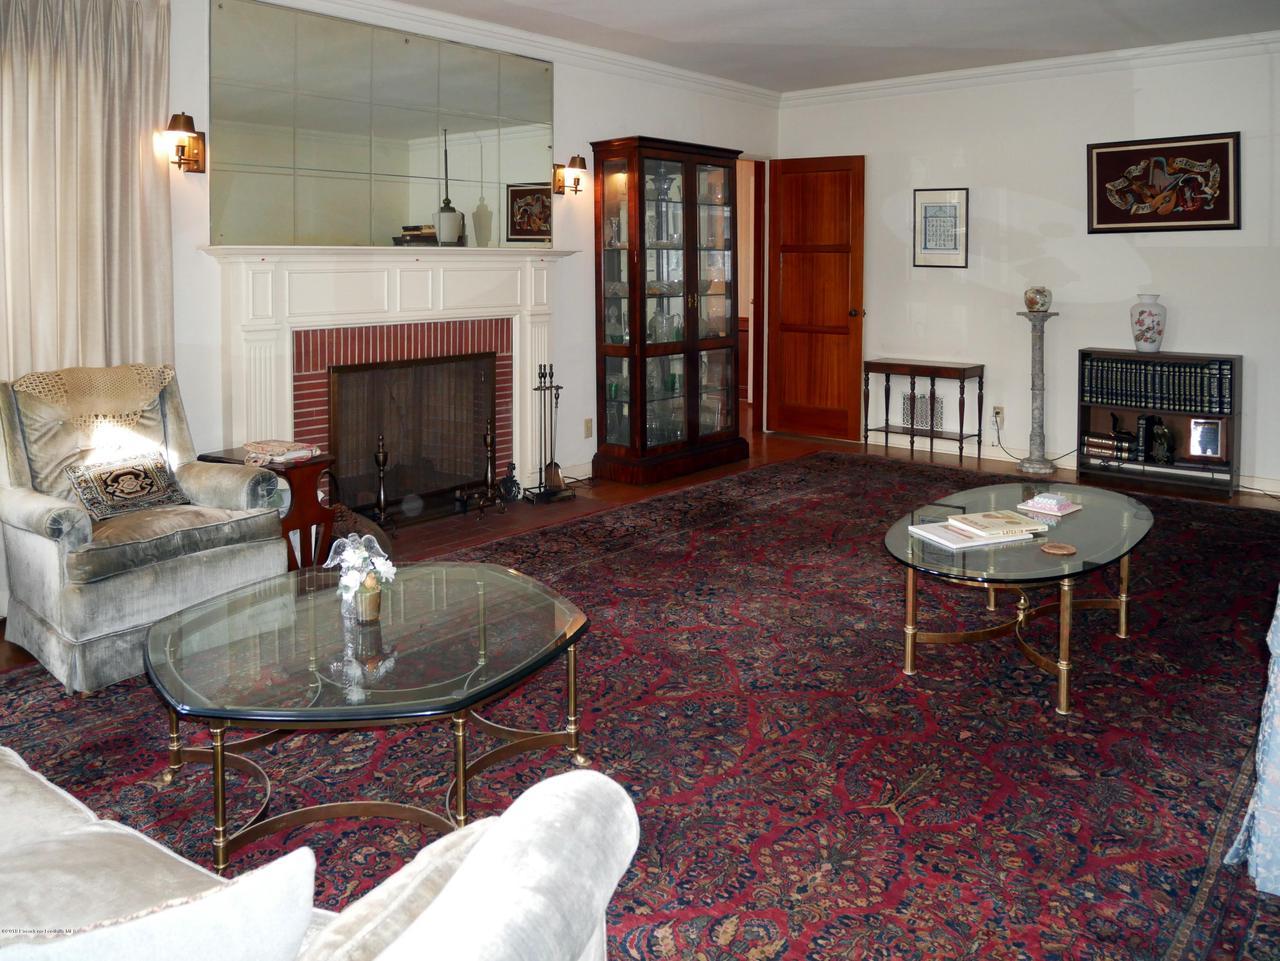 2432 ORANGE GROVE, Pasadena, CA 91104 - Living Room 2